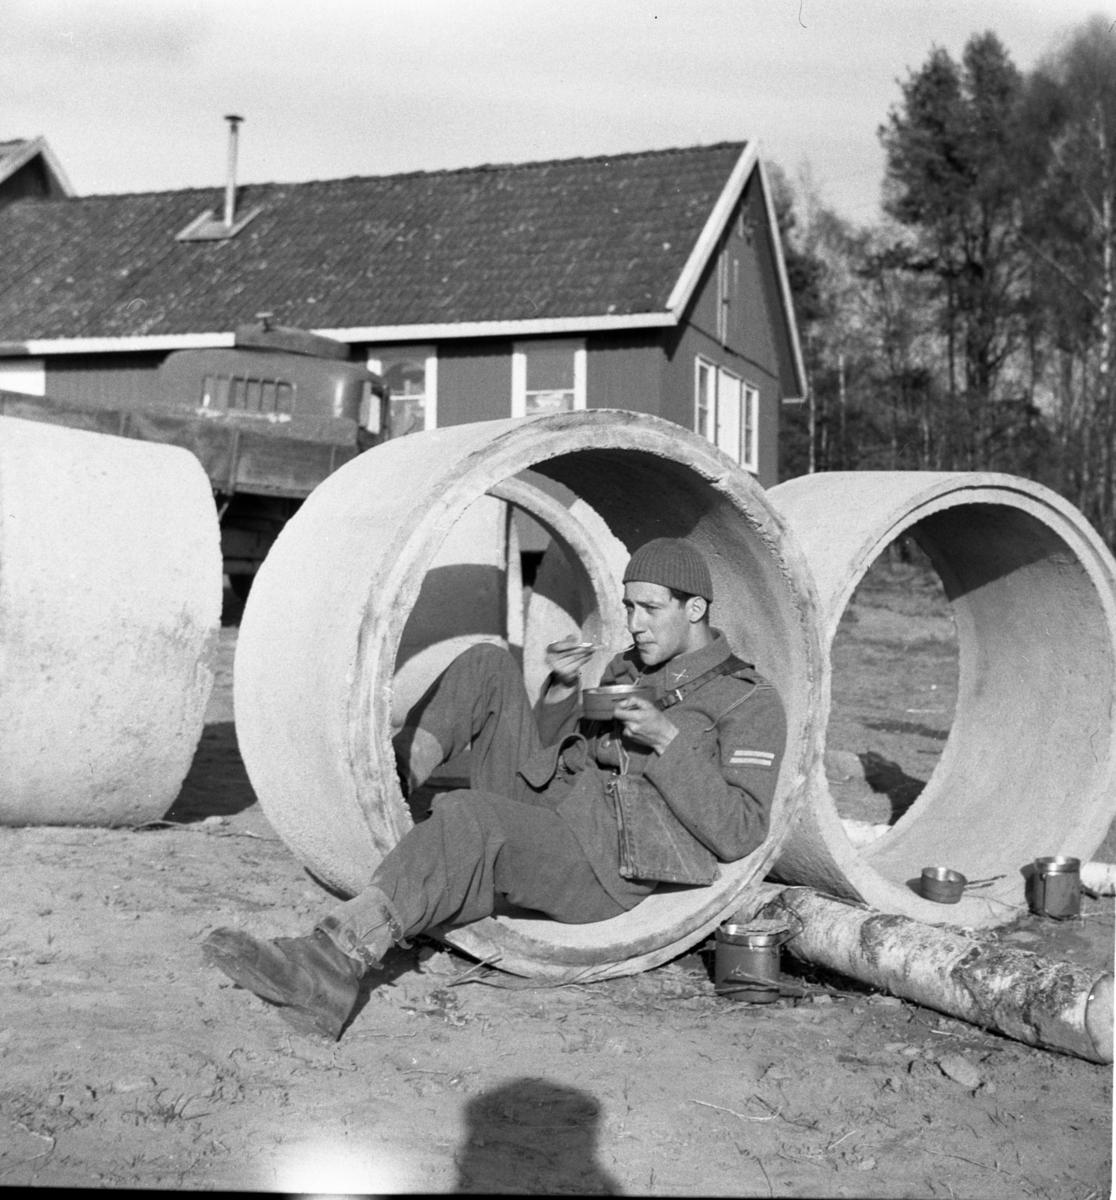 Lunchrast i betongring. Norrlands dragonregemente K4, Umeå, 1955-1956.